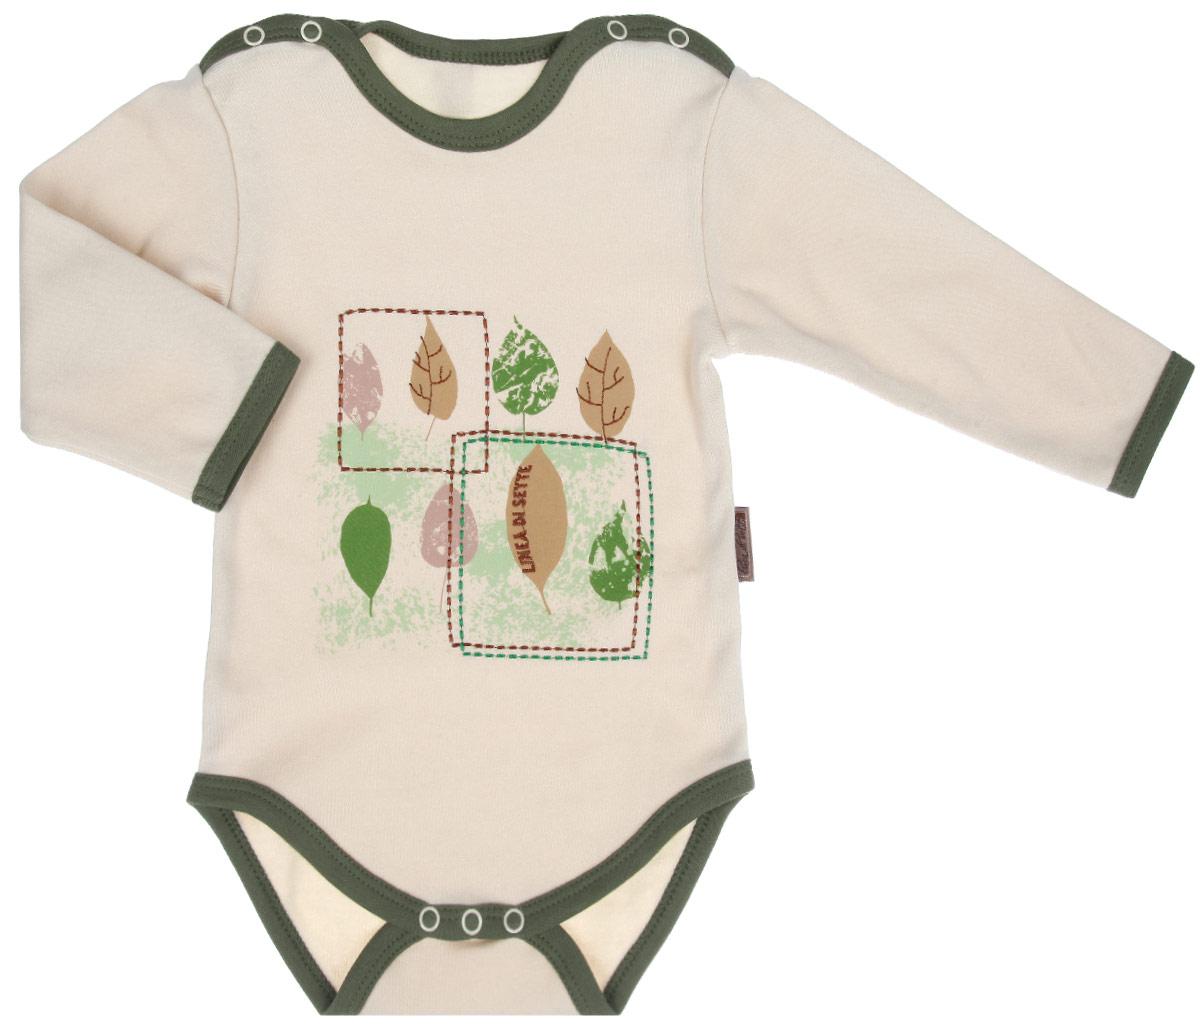 Боди детское Ботаника. 05-090105-0901Детское боди Linea Di Sette Ботаника станет идеальным дополнением к гардеробу вашего ребенка. Изделие изготовлено из высококачественного органического полотна в соответствии с принятыми стандартами. Органический хлопок - это безвредная альтернатива традиционному хлопку, ткани из него не вредят нежной коже малыша, а также их производство безопасно для окружающей среды. Органический хлопок очень мягкий, отлично пропускает воздух, обеспечивая максимальный комфорт. Боди с длинными рукавами и круглым вырезом горловины имеет застежки-кнопки по плечевому шву и на ластовице, что позволяет легко переодеть младенца или сменить подгузник. Спереди модель украшена принтом с изображением листочков, а также вышивкой. Боди полностью соответствует особенностям жизни ребенка в ранний период, не стесняя и не ограничивая его в движениях. В нем кроха будет чувствовать себя комфортно, уютно и всегда будет в центре внимания!